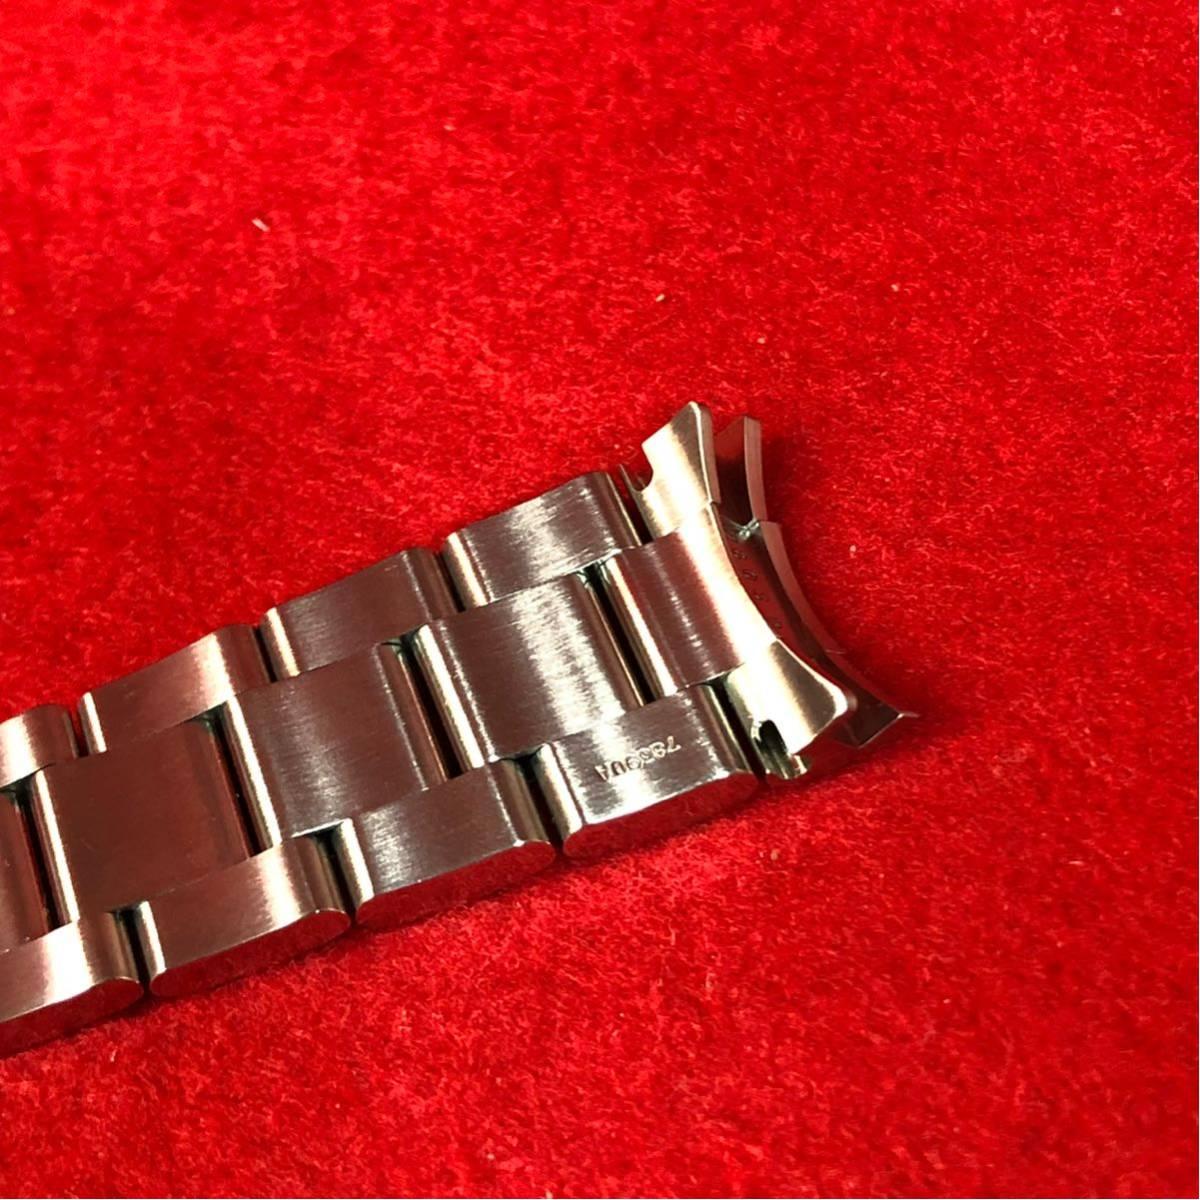 【美品】ROLEX ロレックス 純正 1650 デイトナ用 ブレスレット 最終期 78390/803B 1999年~2000年 5+7コマ 12コマ 腕時計 メンズ_画像6